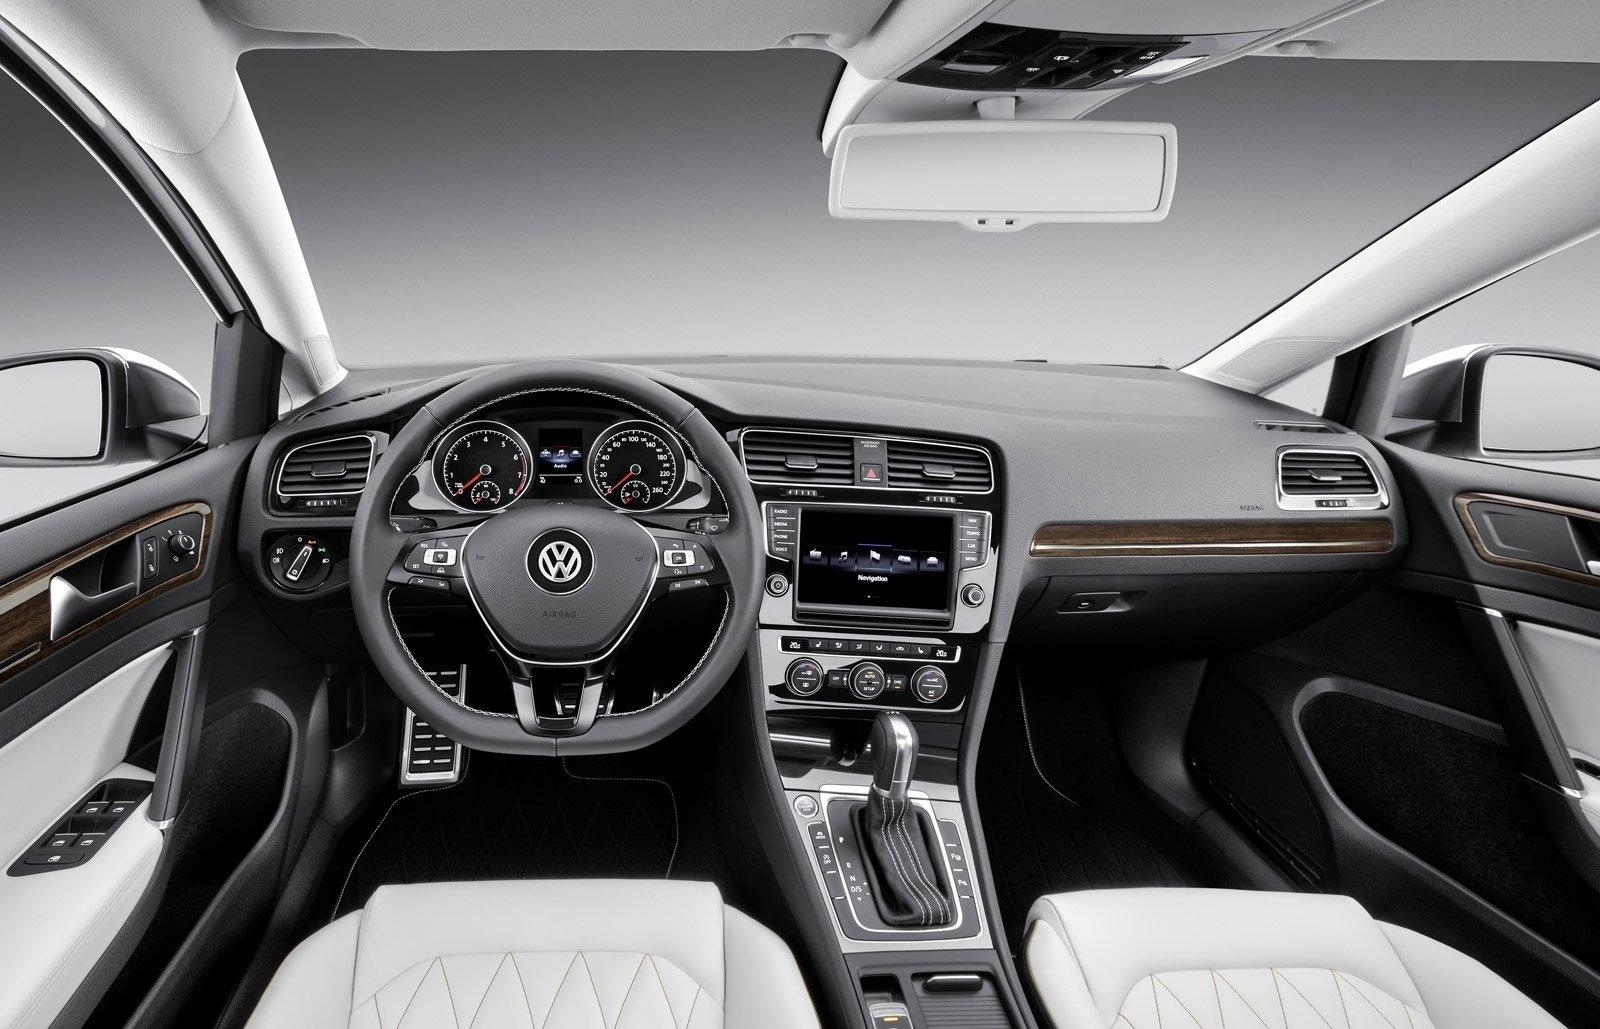 2019 Volkswagen Jetta Release Date Price Specs Interior